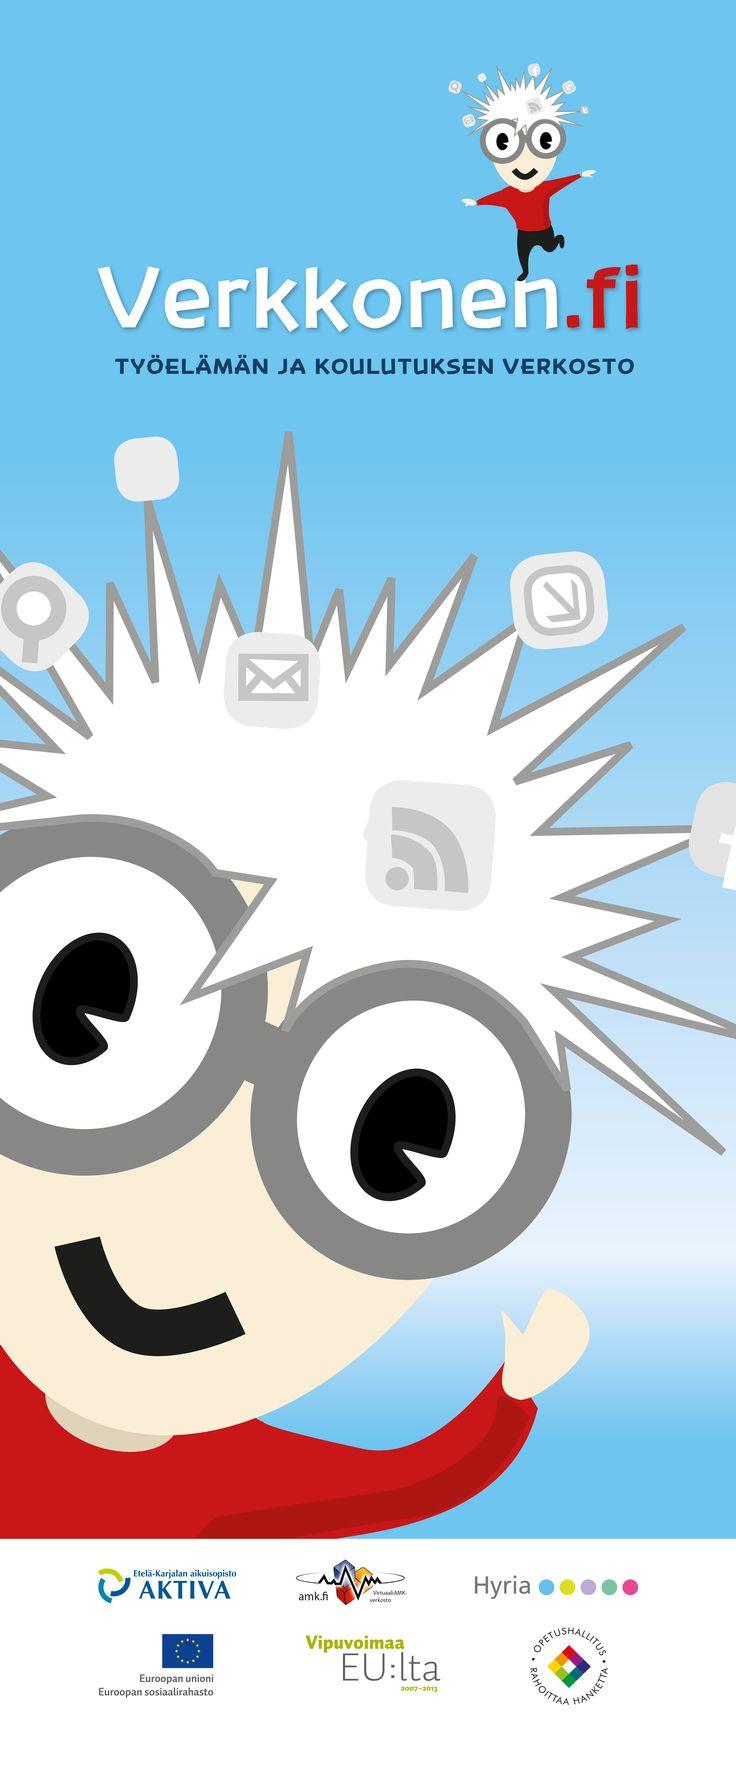 Verkkonen.fi -hankkeen logon ja graafisen ilmeen suunnittelu sekä painotuotteiden kuten esitteen ja roll upin suunnittelu ja toteutus. 2012